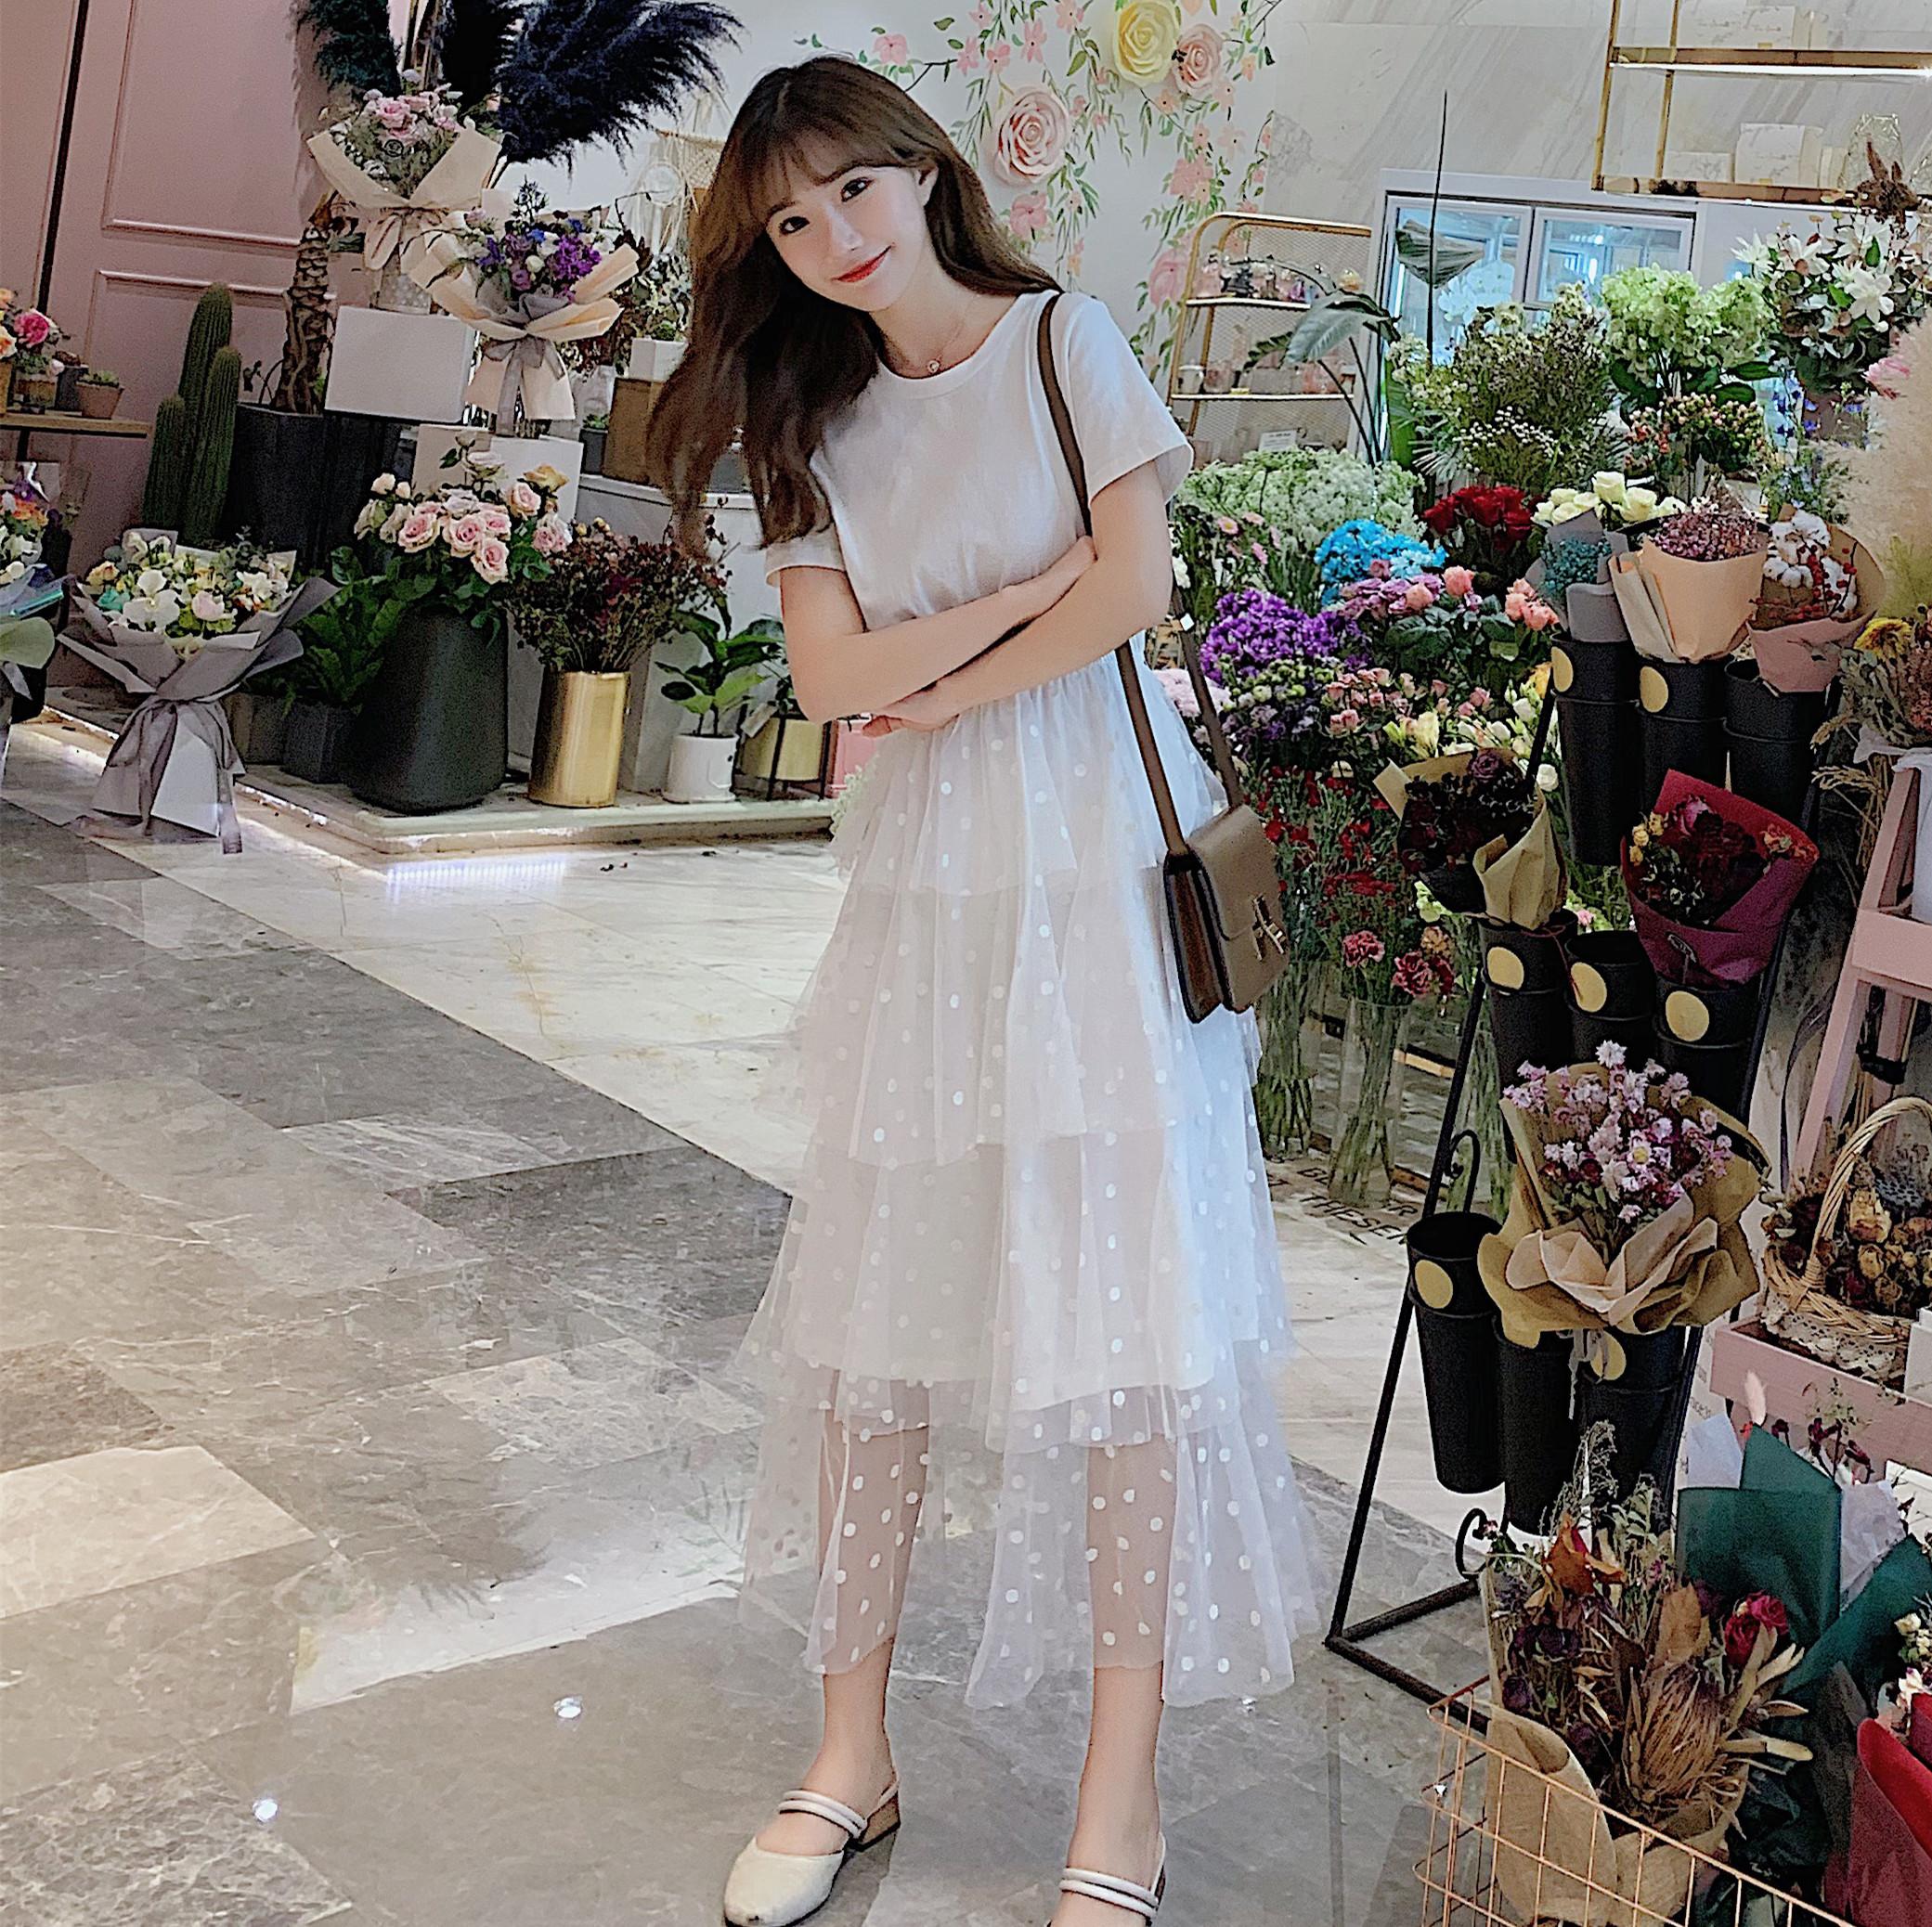 69.00元包邮瘦小个子女生穿搭夏季长裙150cm显高xs加小码女装超仙155连衣裙新